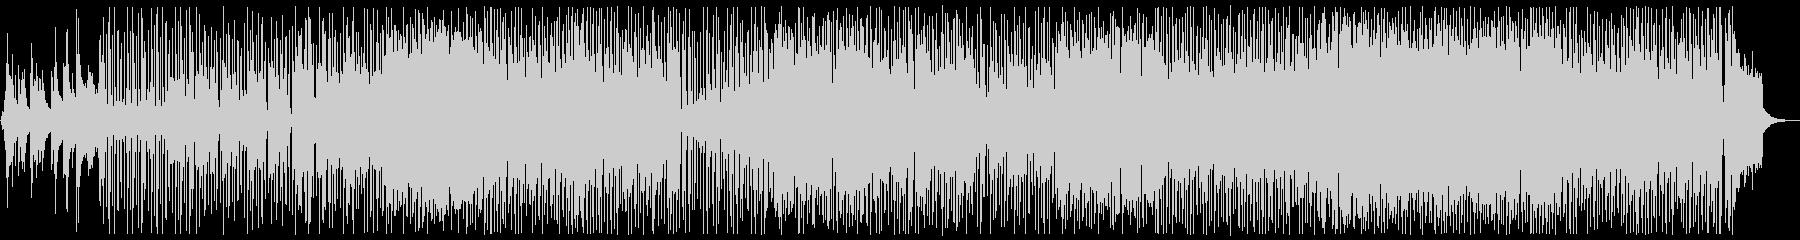 カフェミュージック:ピアノフュージョンの未再生の波形